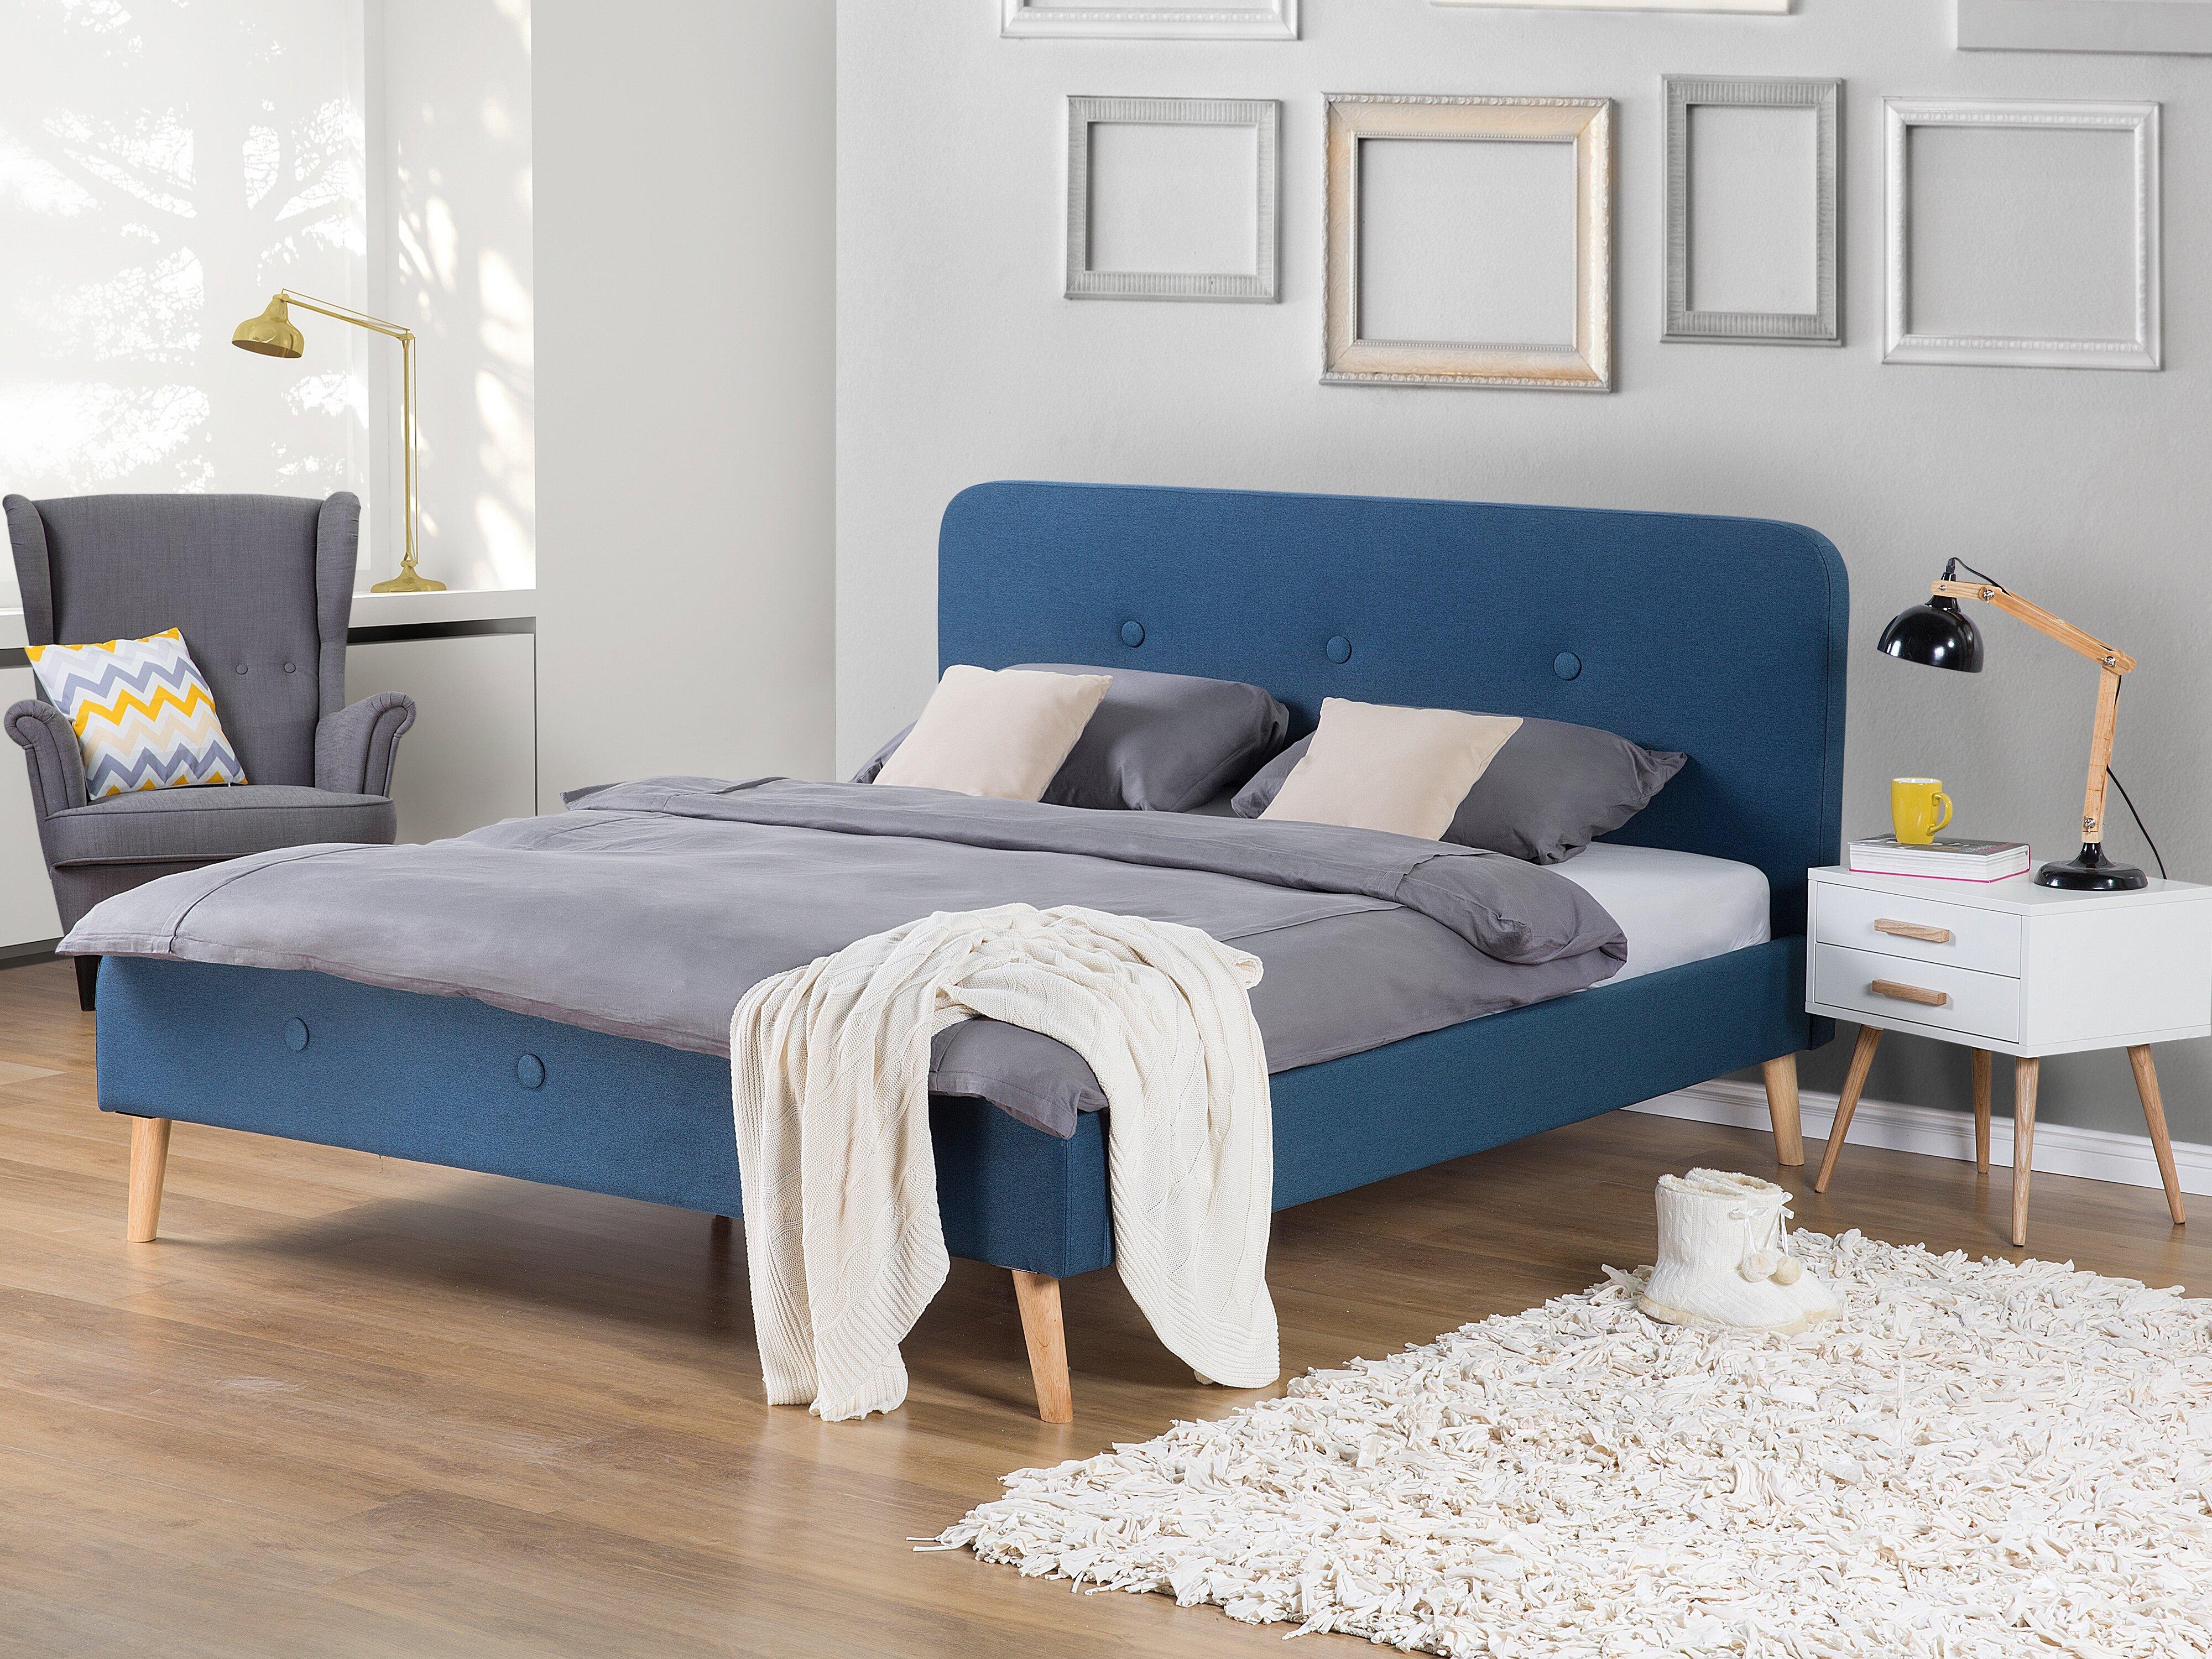 Home Loft Concept Bettrahmen Rochelle   Wayfair.de